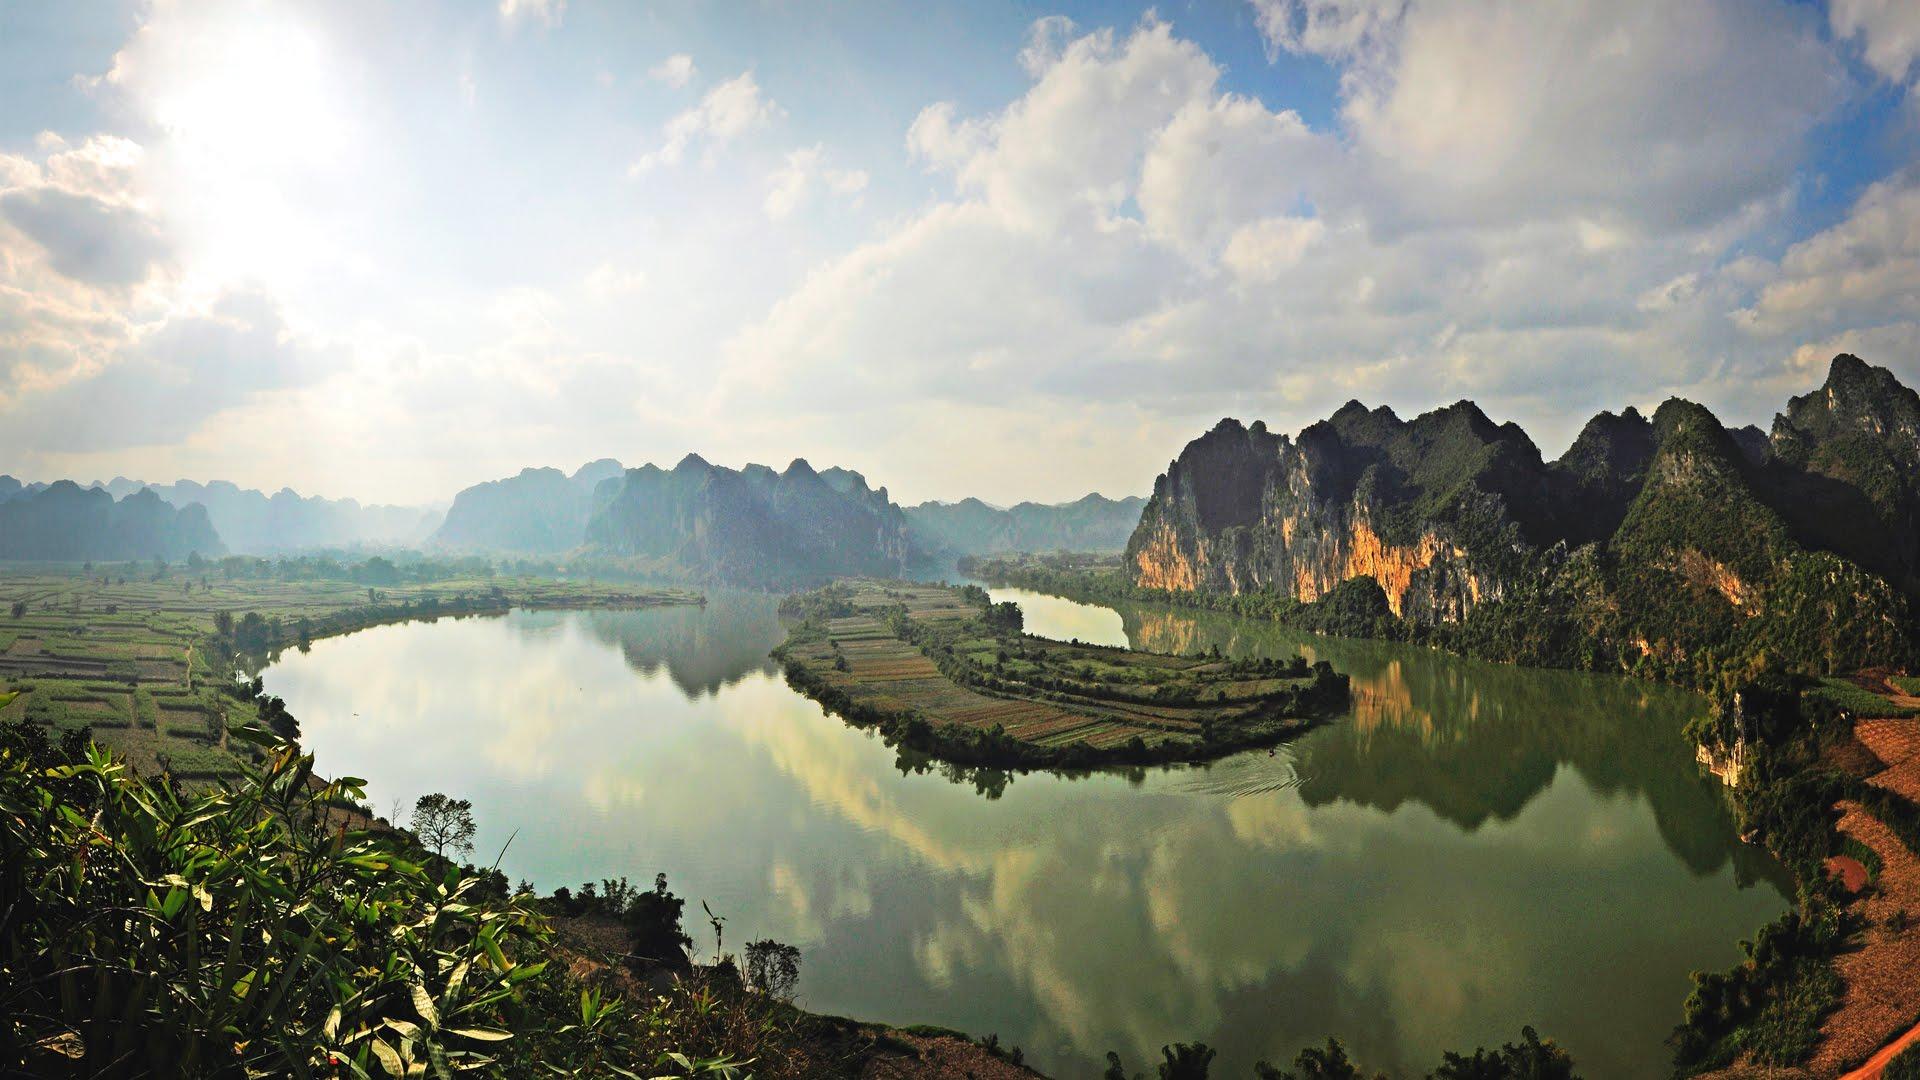 VIDEO: Kina dobila novi lokalitet na popisu Svjetske baštine UNESCO-a